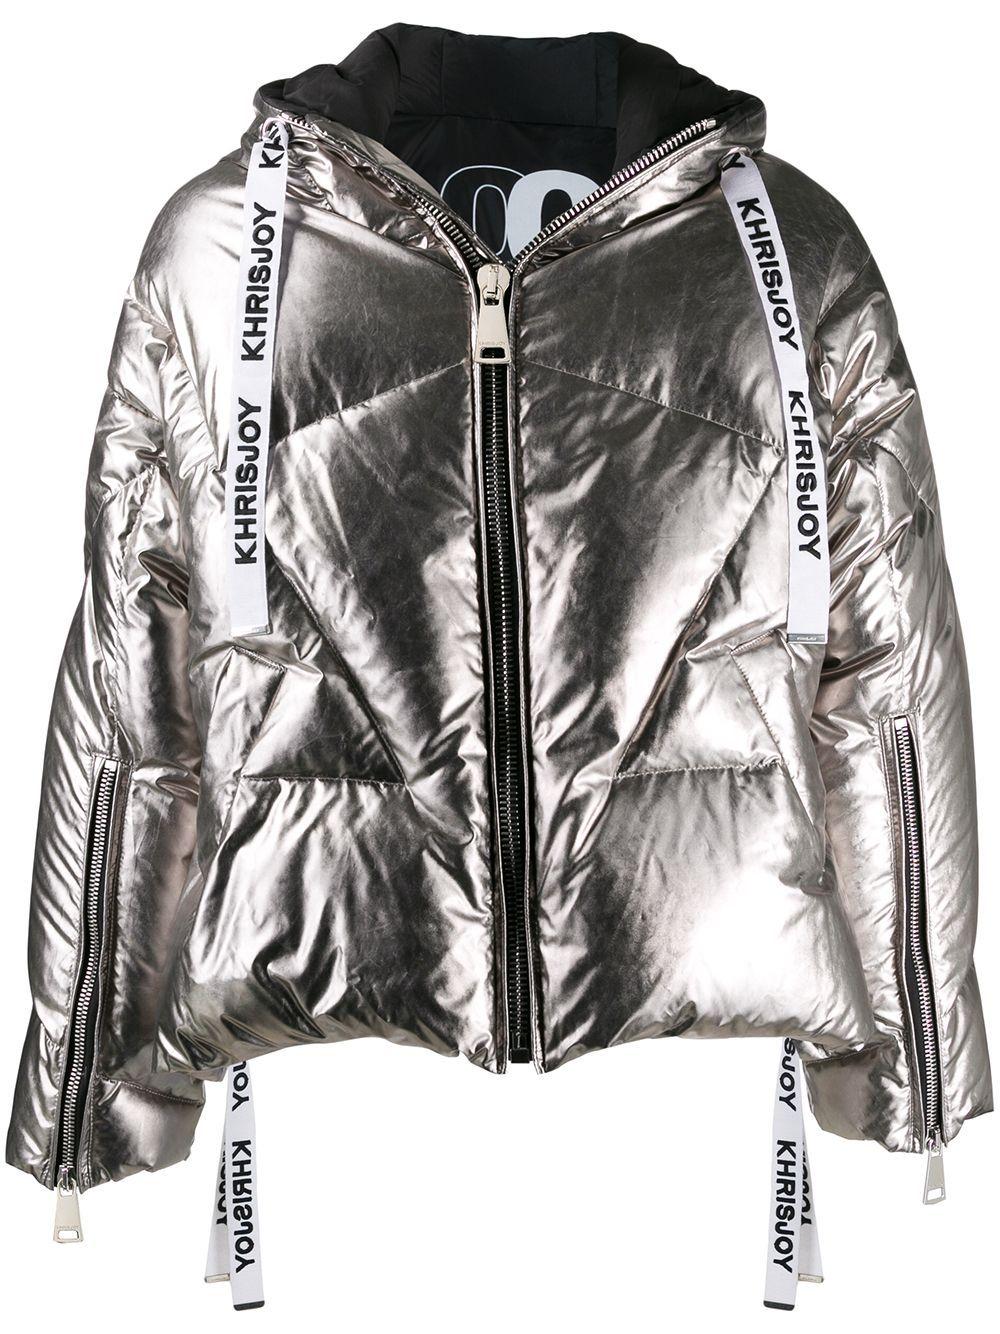 Khrisjoy Metallic Puffer Jacket Farfetch Silver Puffer Jacket Jackets Puffer Jackets [ 1334 x 1000 Pixel ]